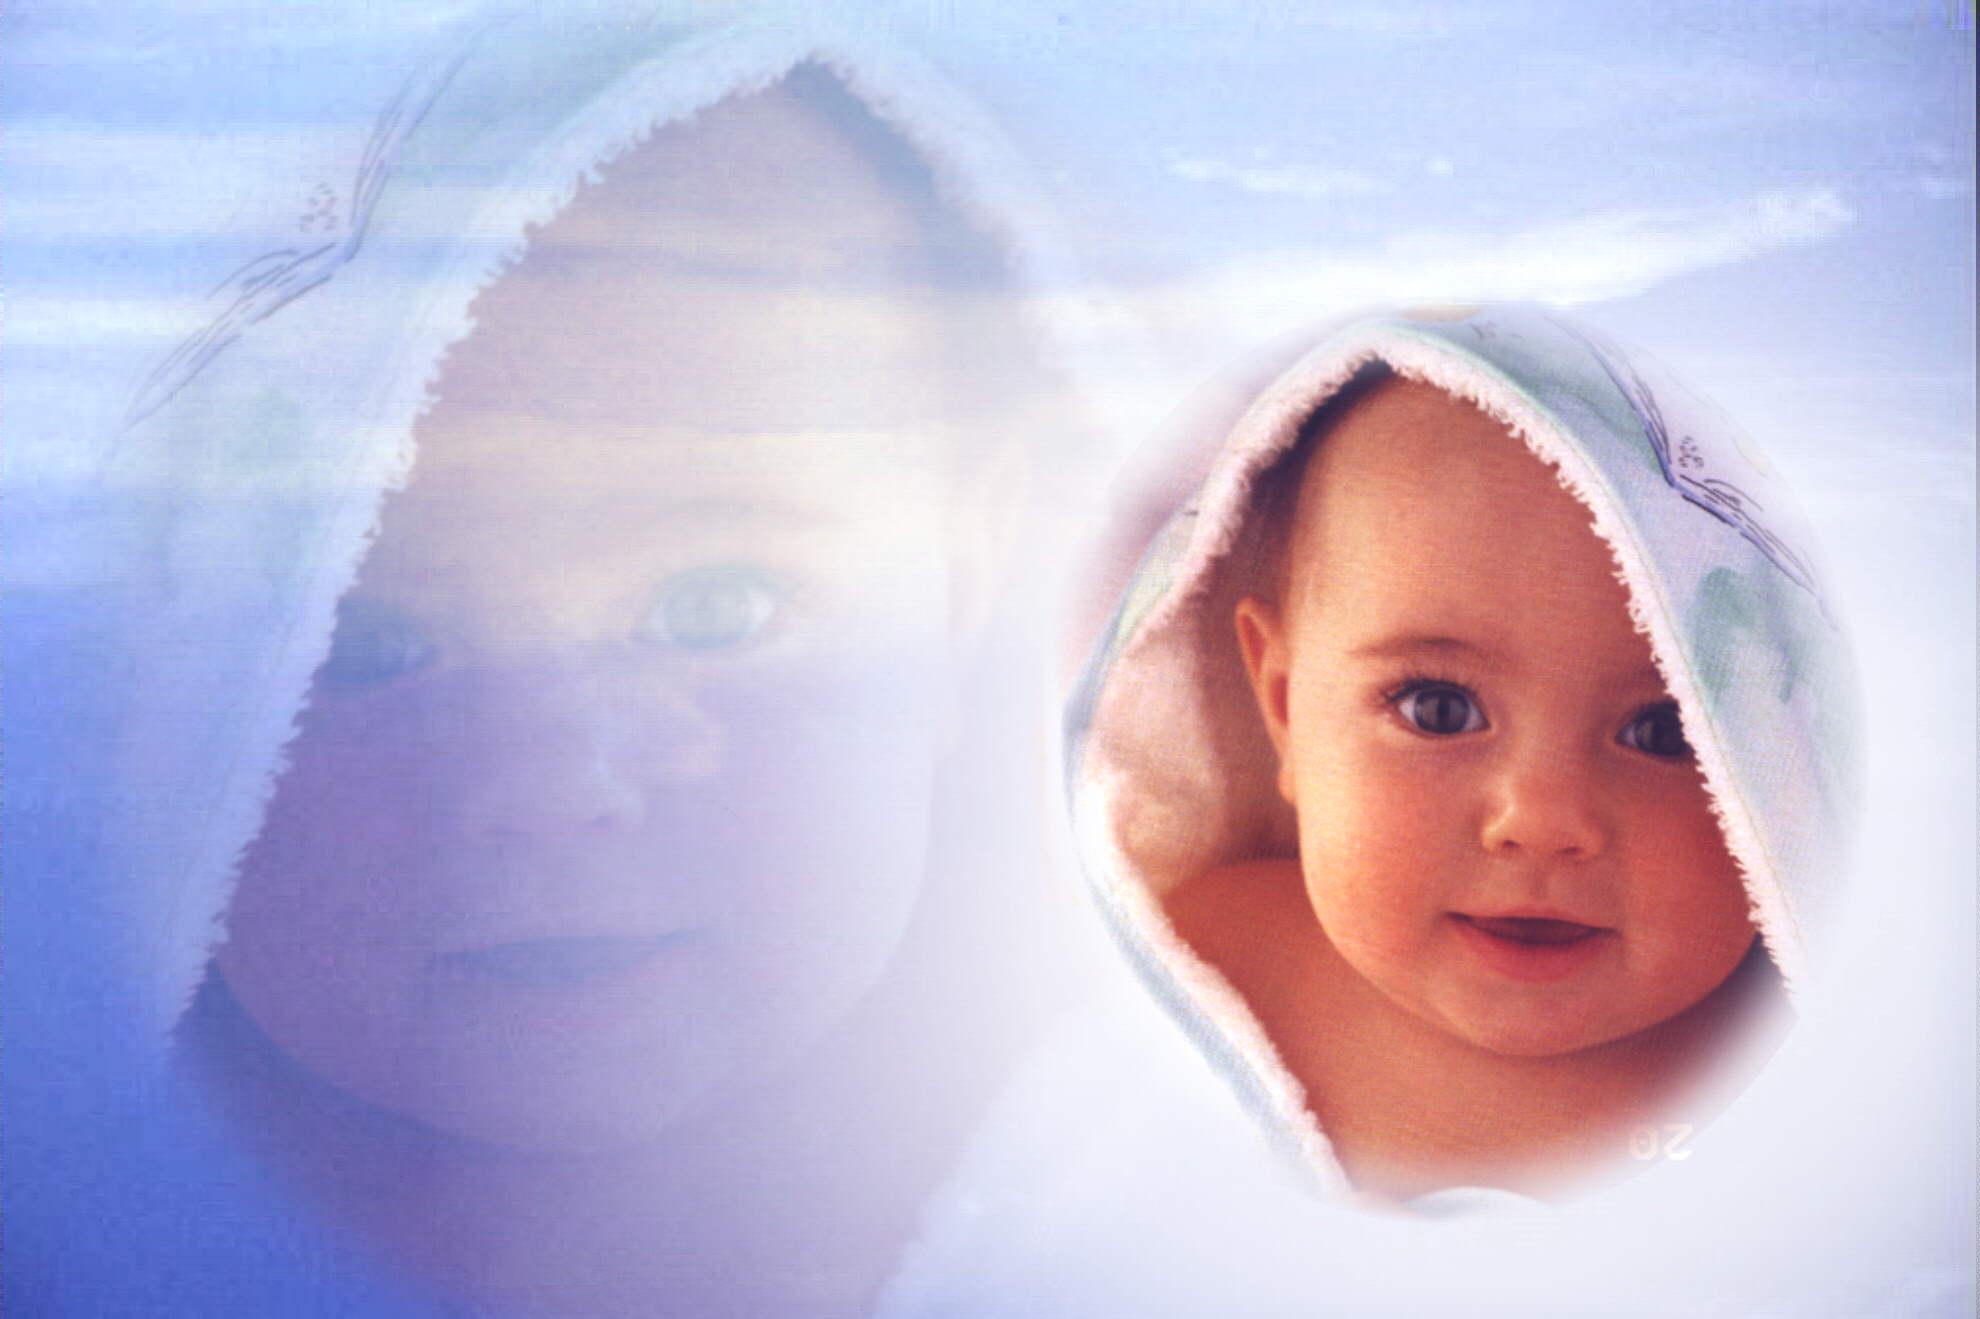 صور اطفال خلفيات وصور اطفال كيوت وجميلة ورقيقة احلي اطفال (56)